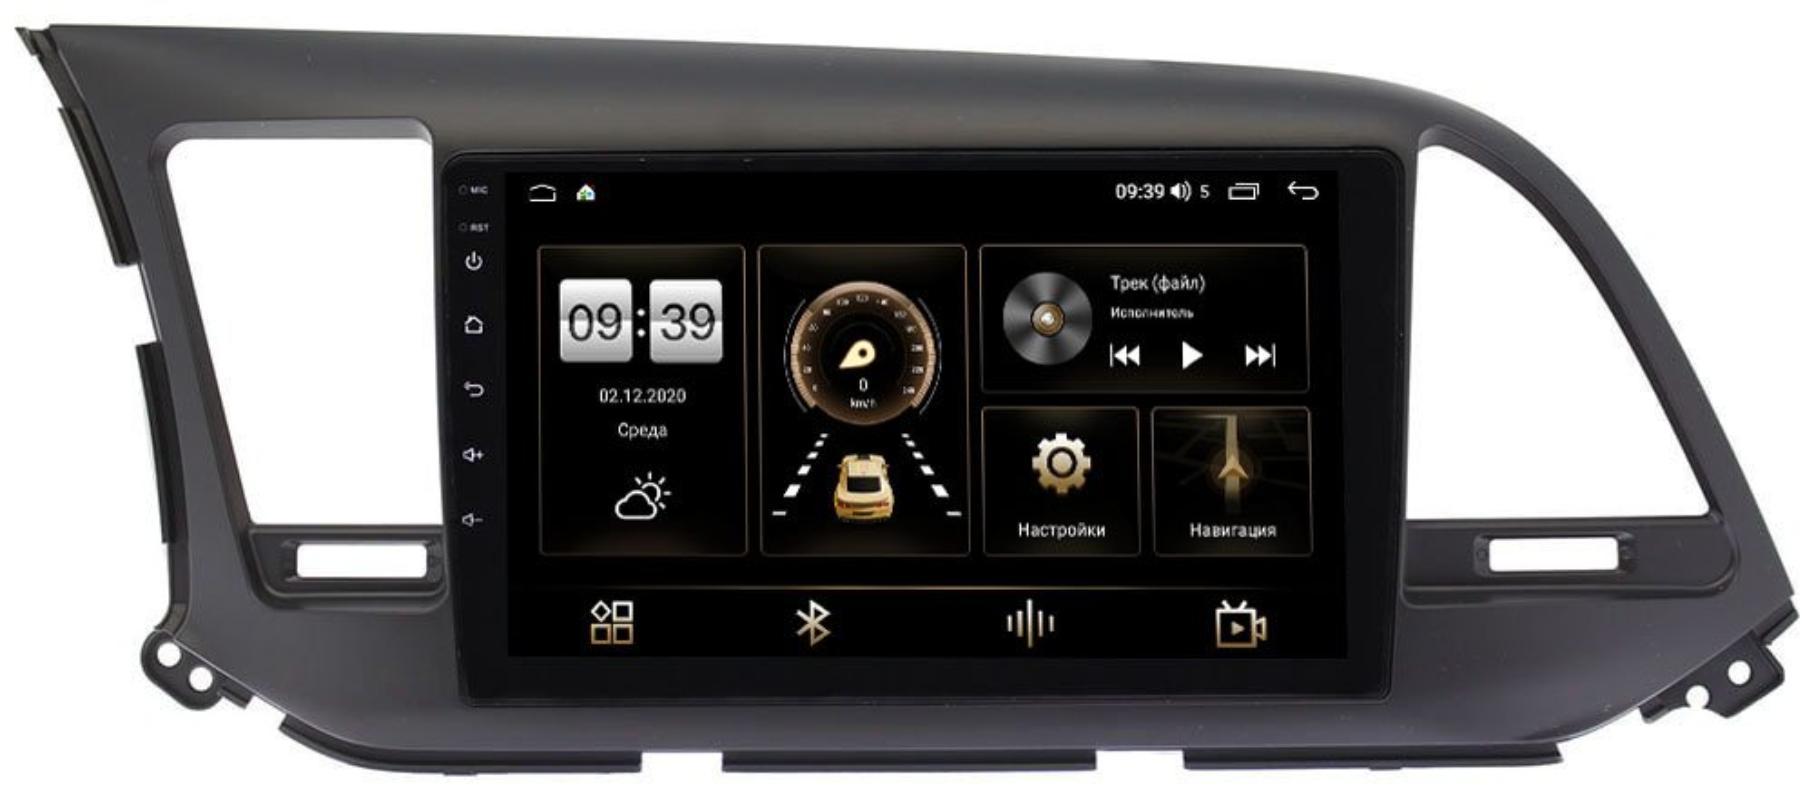 Штатная магнитола Hyundai Elantra VI (AD) 2015-2019 LeTrun 4196-9025 для авто без камеры на Android 10 (6/128, DSP, QLed) С оптическим выходом (+ Камера заднего вида в подарок!)